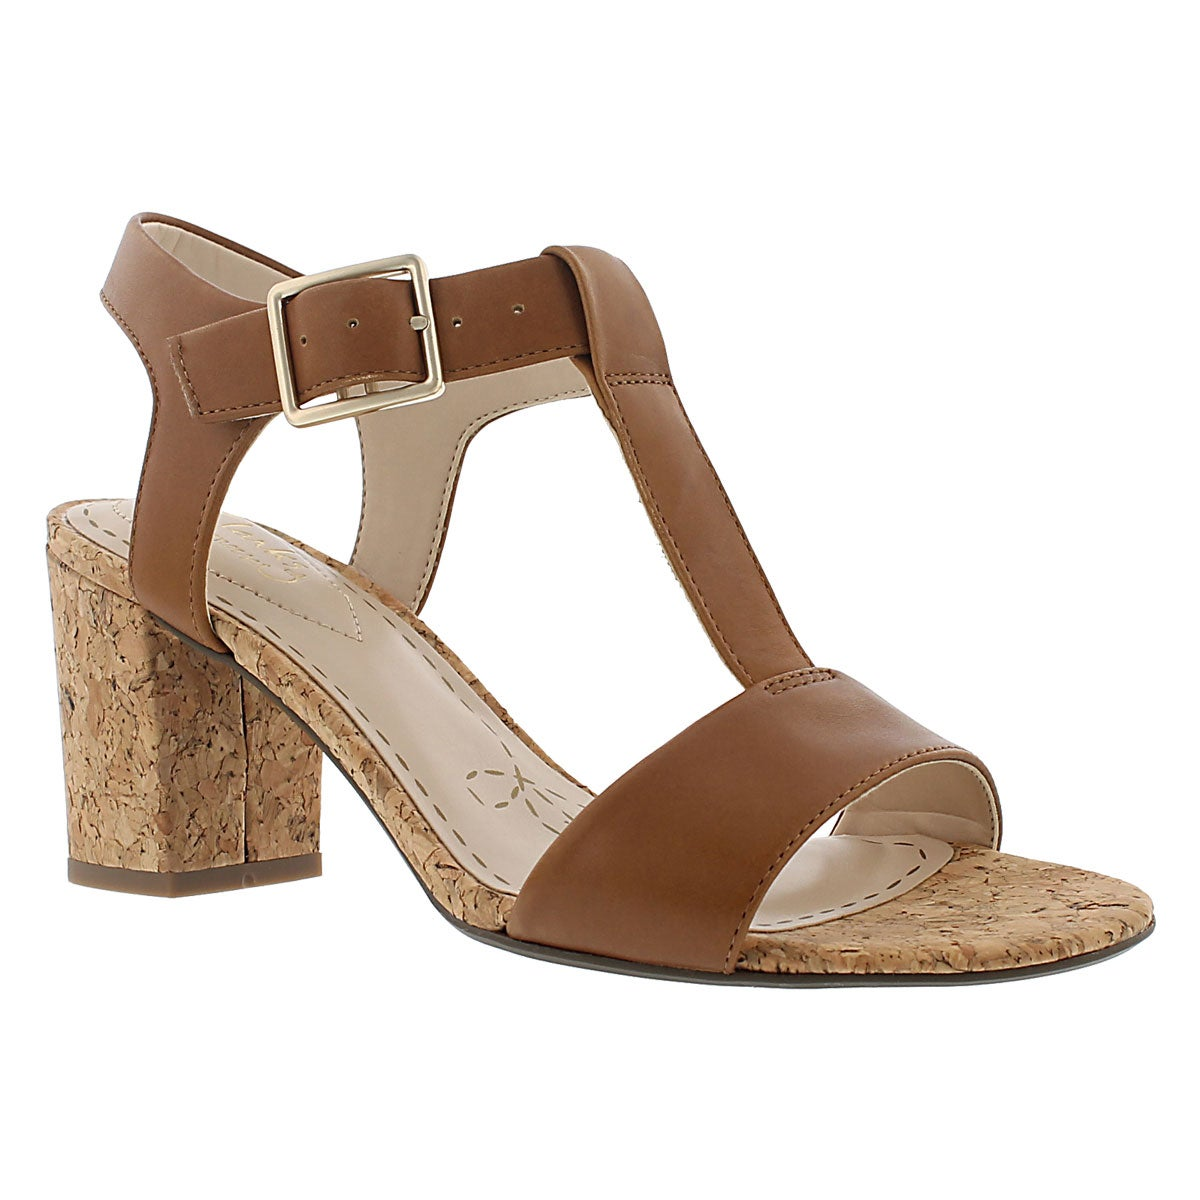 Sandale habillée Smart Deva, havane, fem